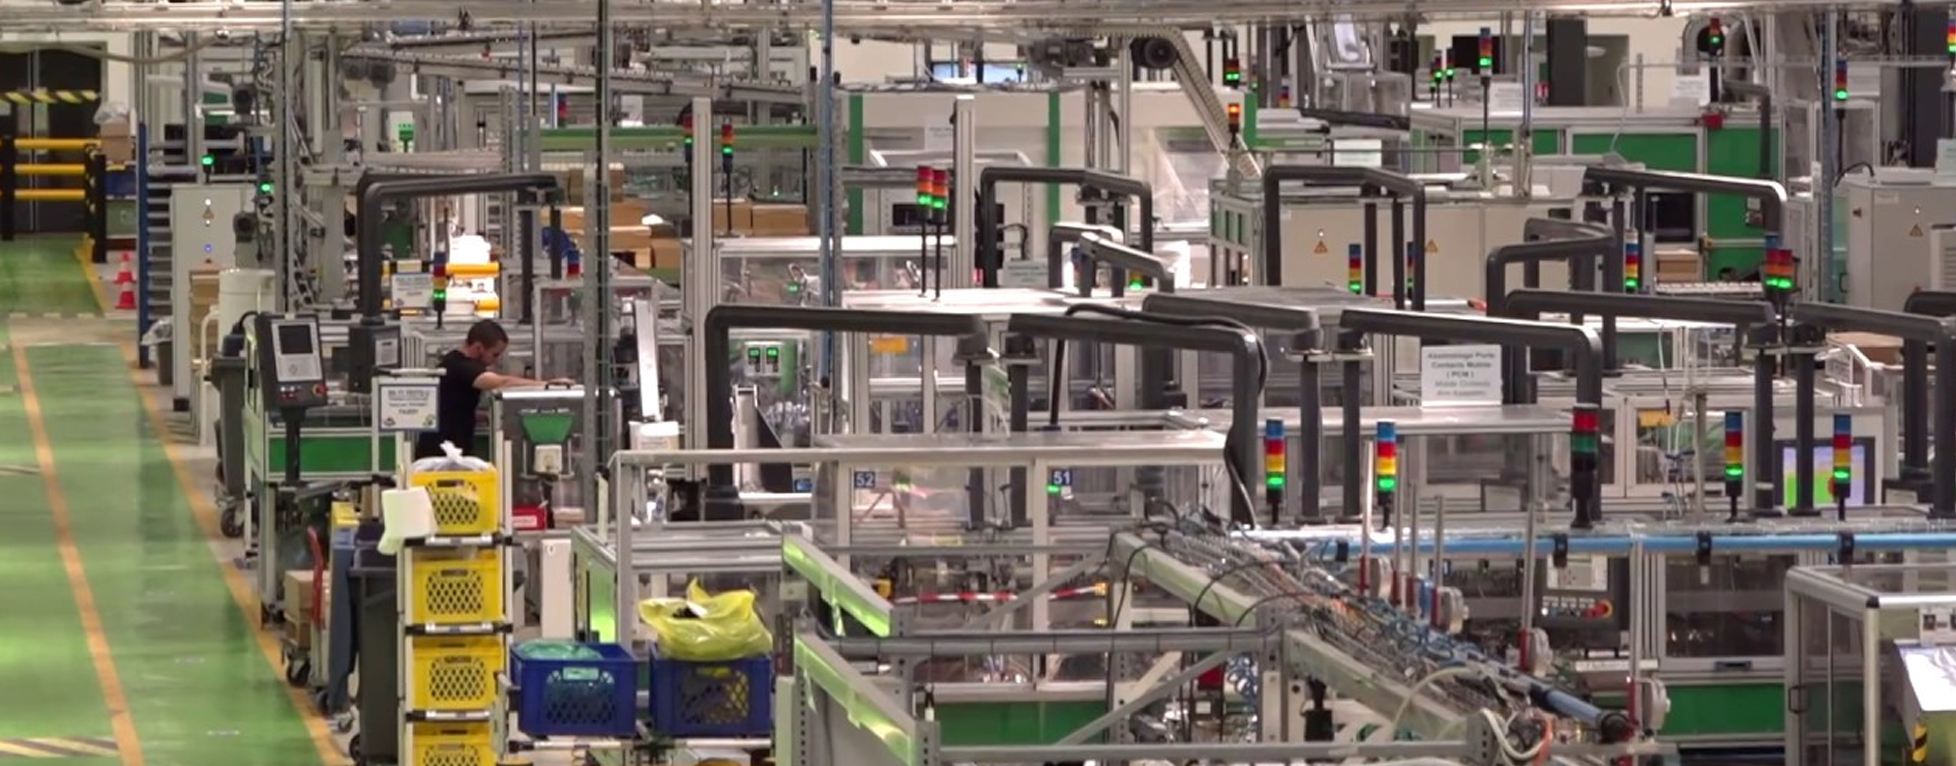 Pourquoi la France n'arrive plus à attirer de nouvelles usines ?